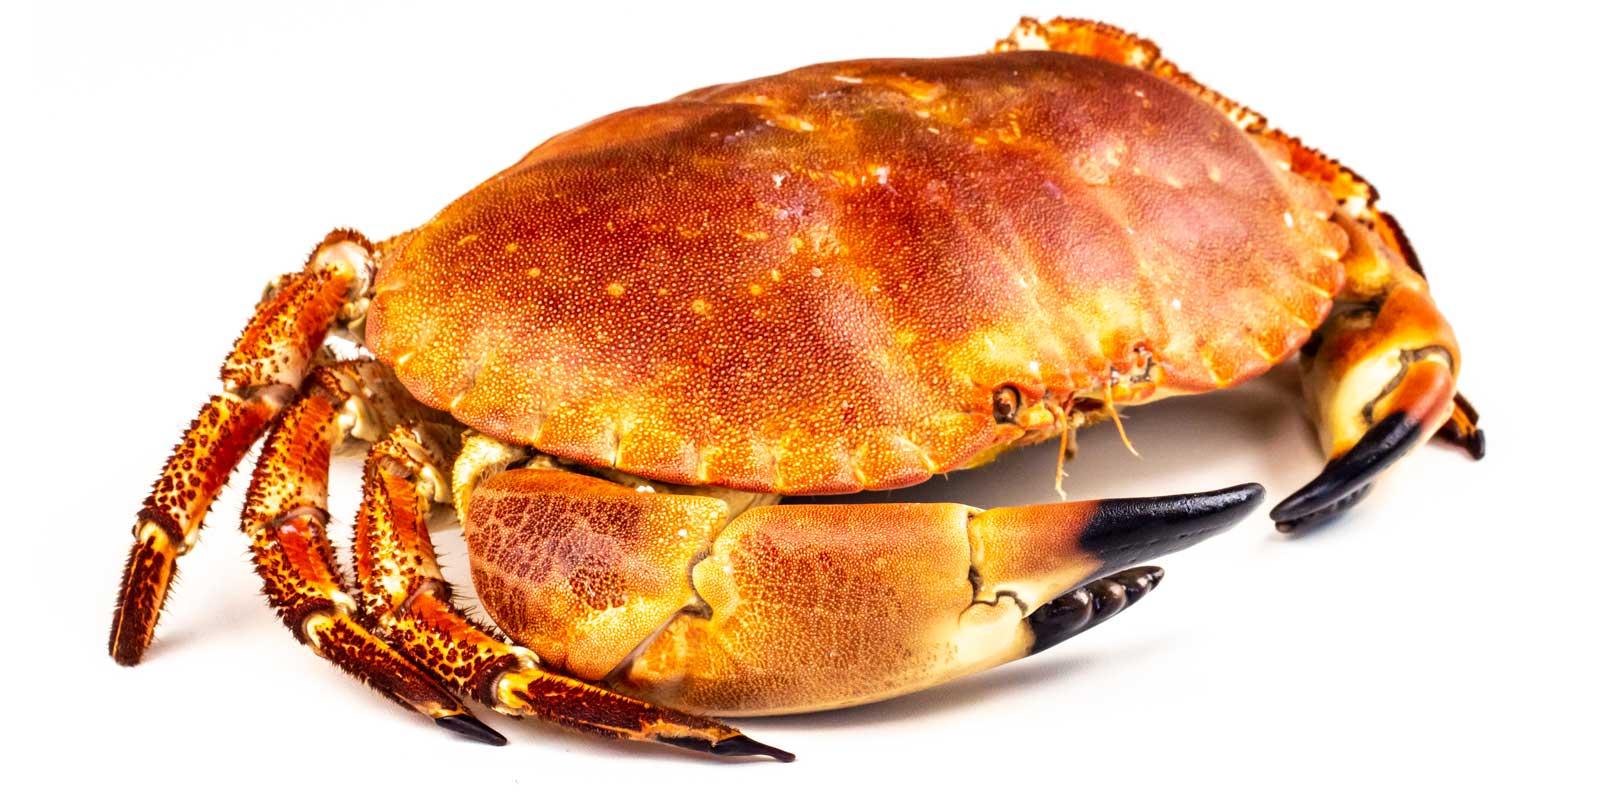 Salcombe Crab-shop online now